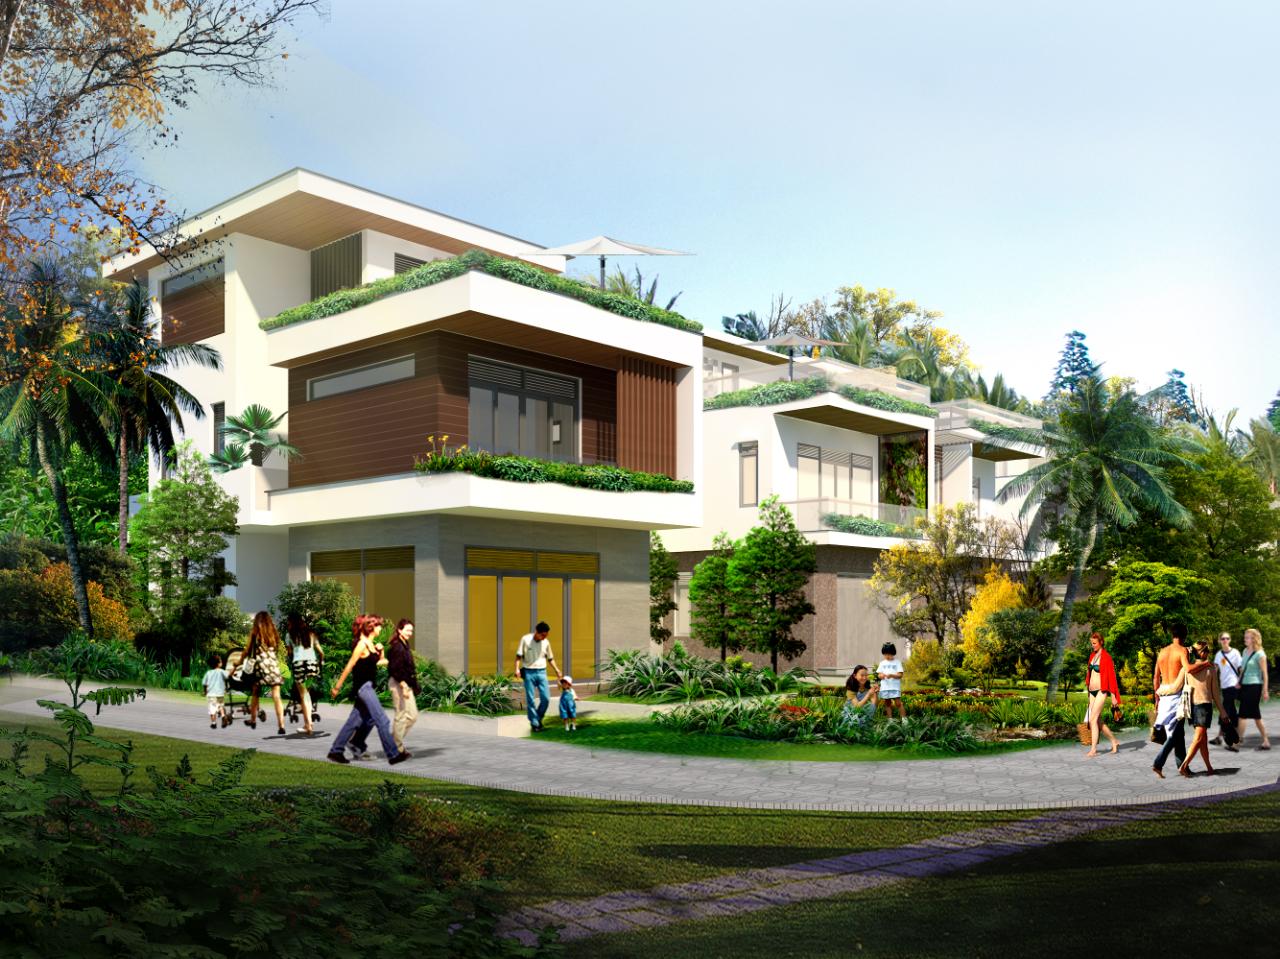 Phối cảnh biệt thự đơn lập dự án khu đô thị sinh thái biển AE Resort Cửa Tùng